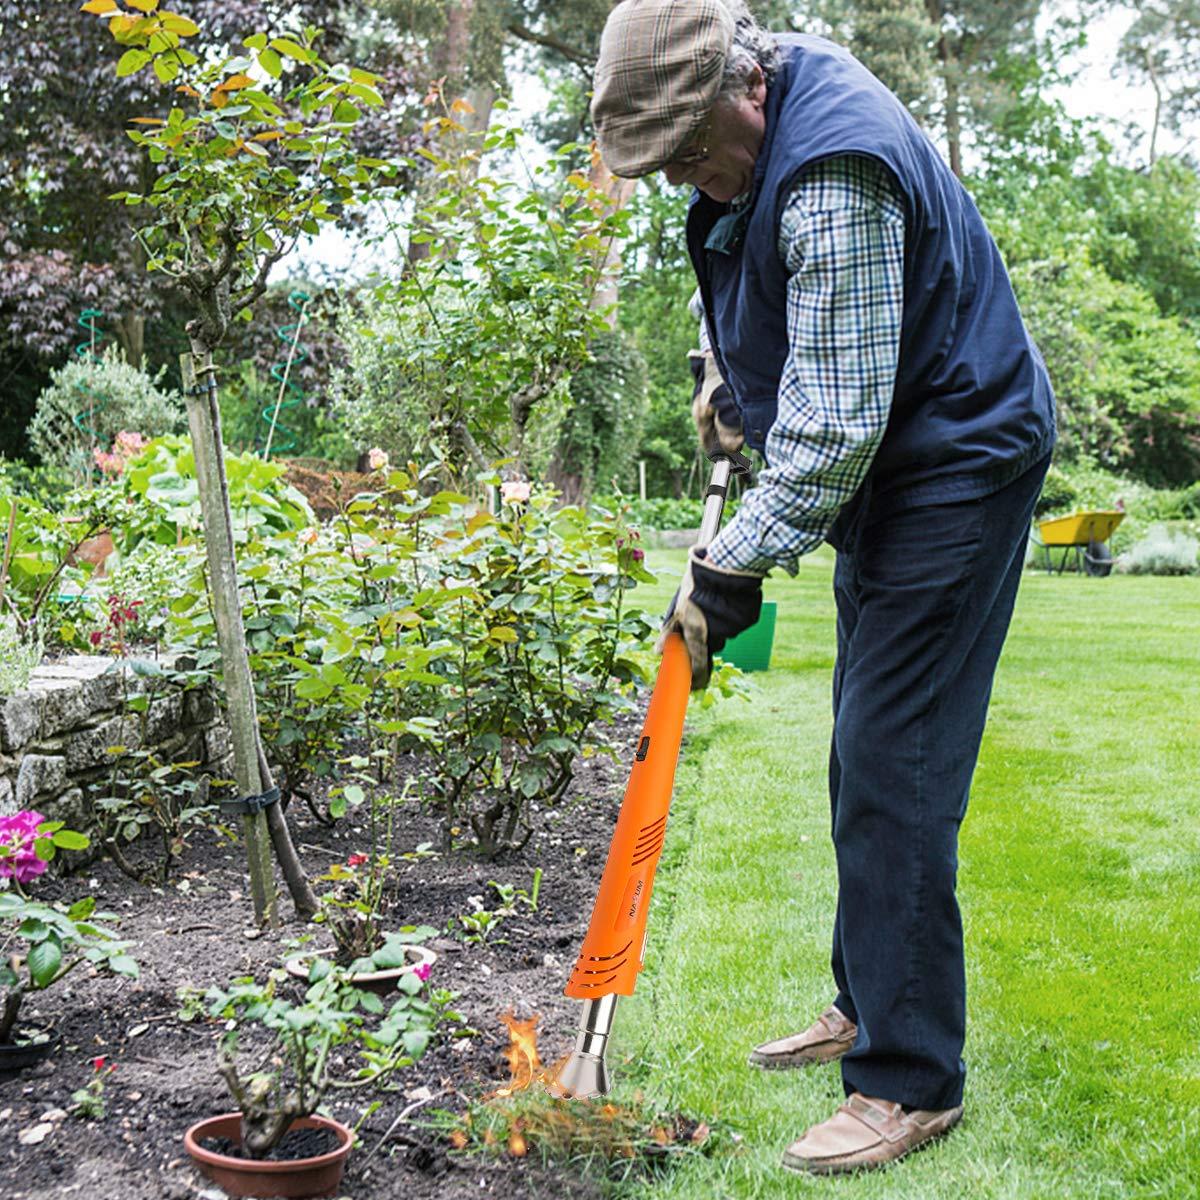 Meilleur Bruleur À Herbe , Comparatif Et Avis - Le Guide Des ... encequiconcerne Bruleur De Déchets Jardin